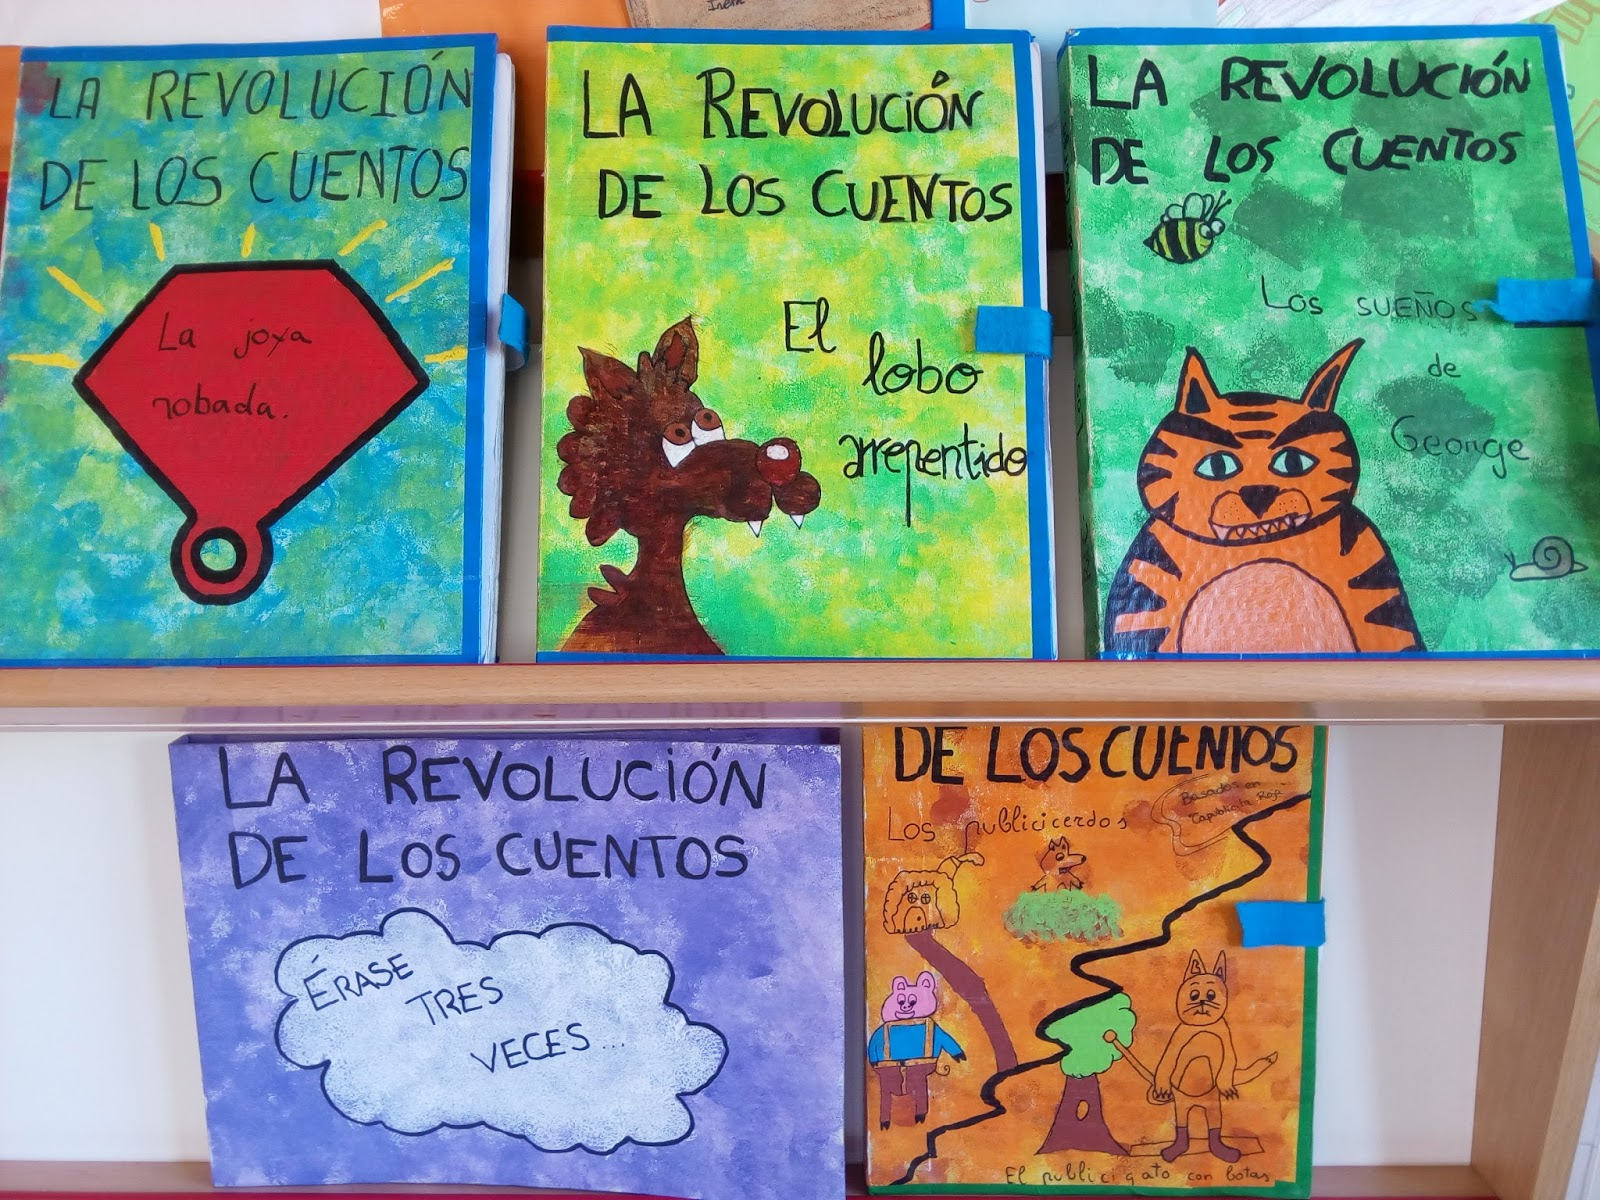 El cole de MTB: Ya son cinco revoluciones de los cuentos